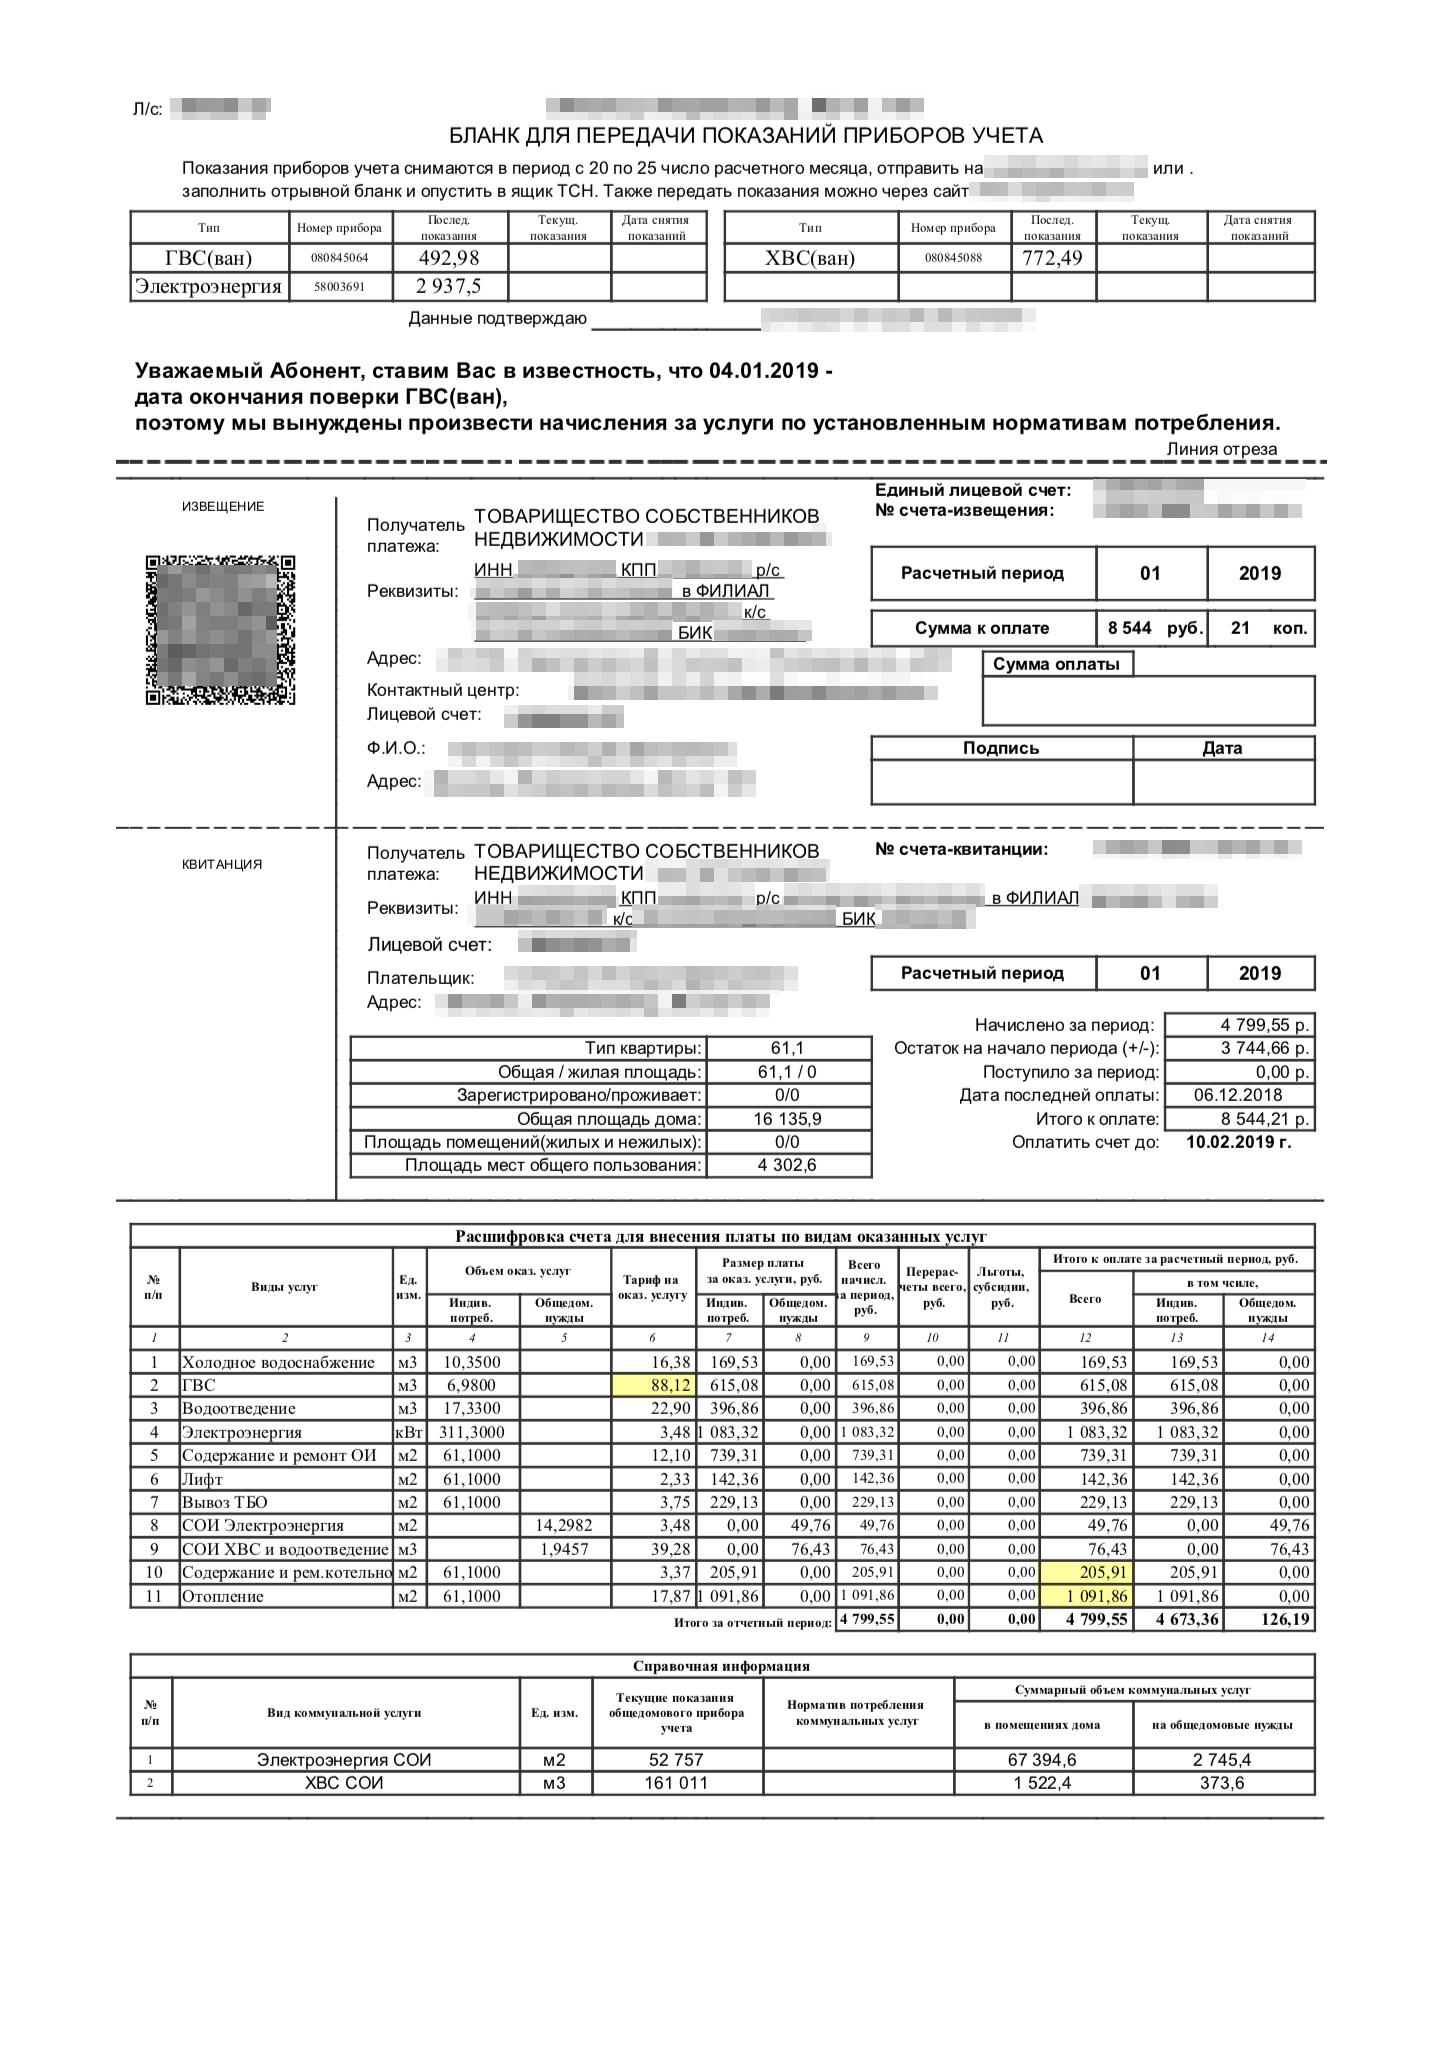 За январь 2019года вышло 88 рублей за 1 м³ горячей воды и около 1300рублей за отопление